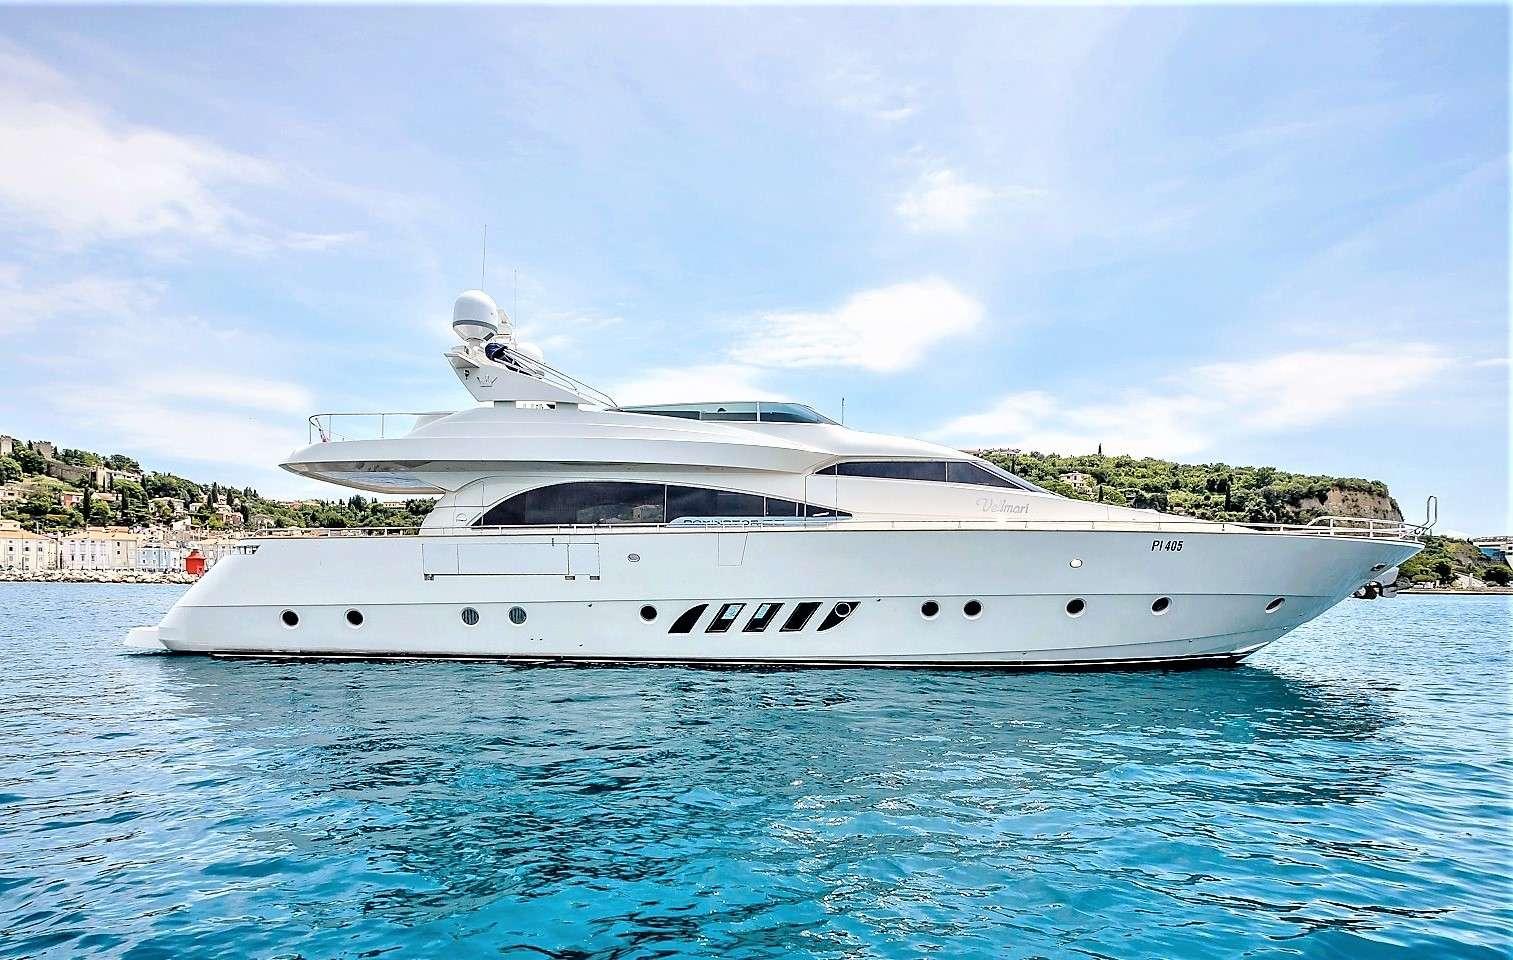 Main image of VELLMARI yacht